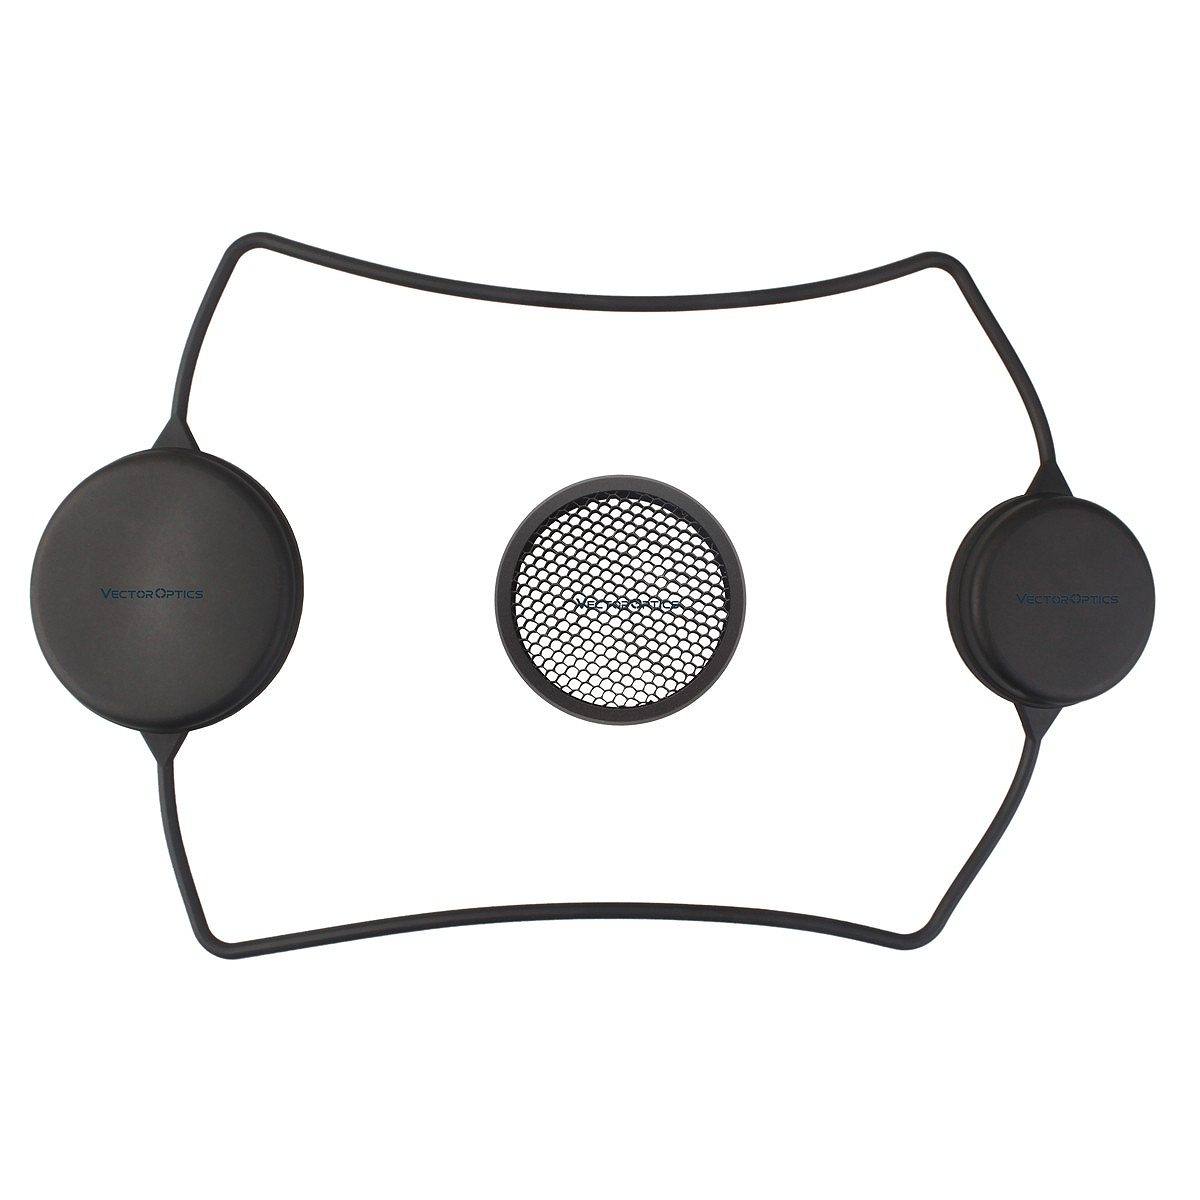 【お届け予定日: 6月30日】ベクターオプティクス ライフルスコープ Marksman 6-25x50  Vector Optics SCOL-11